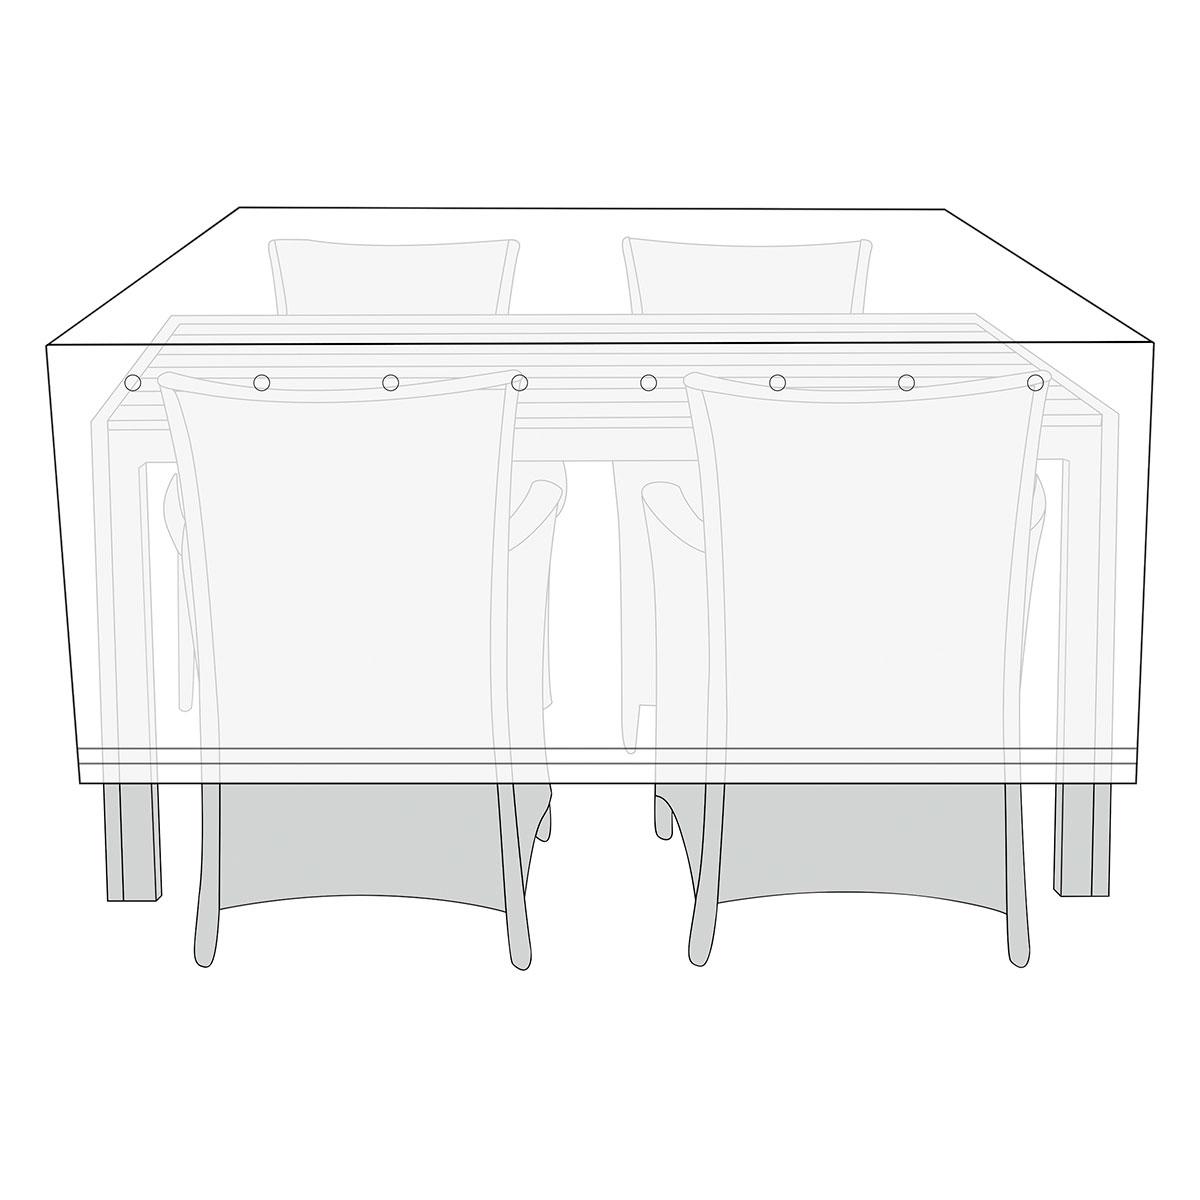 Overtræk til havemøbelsæt - Antracit